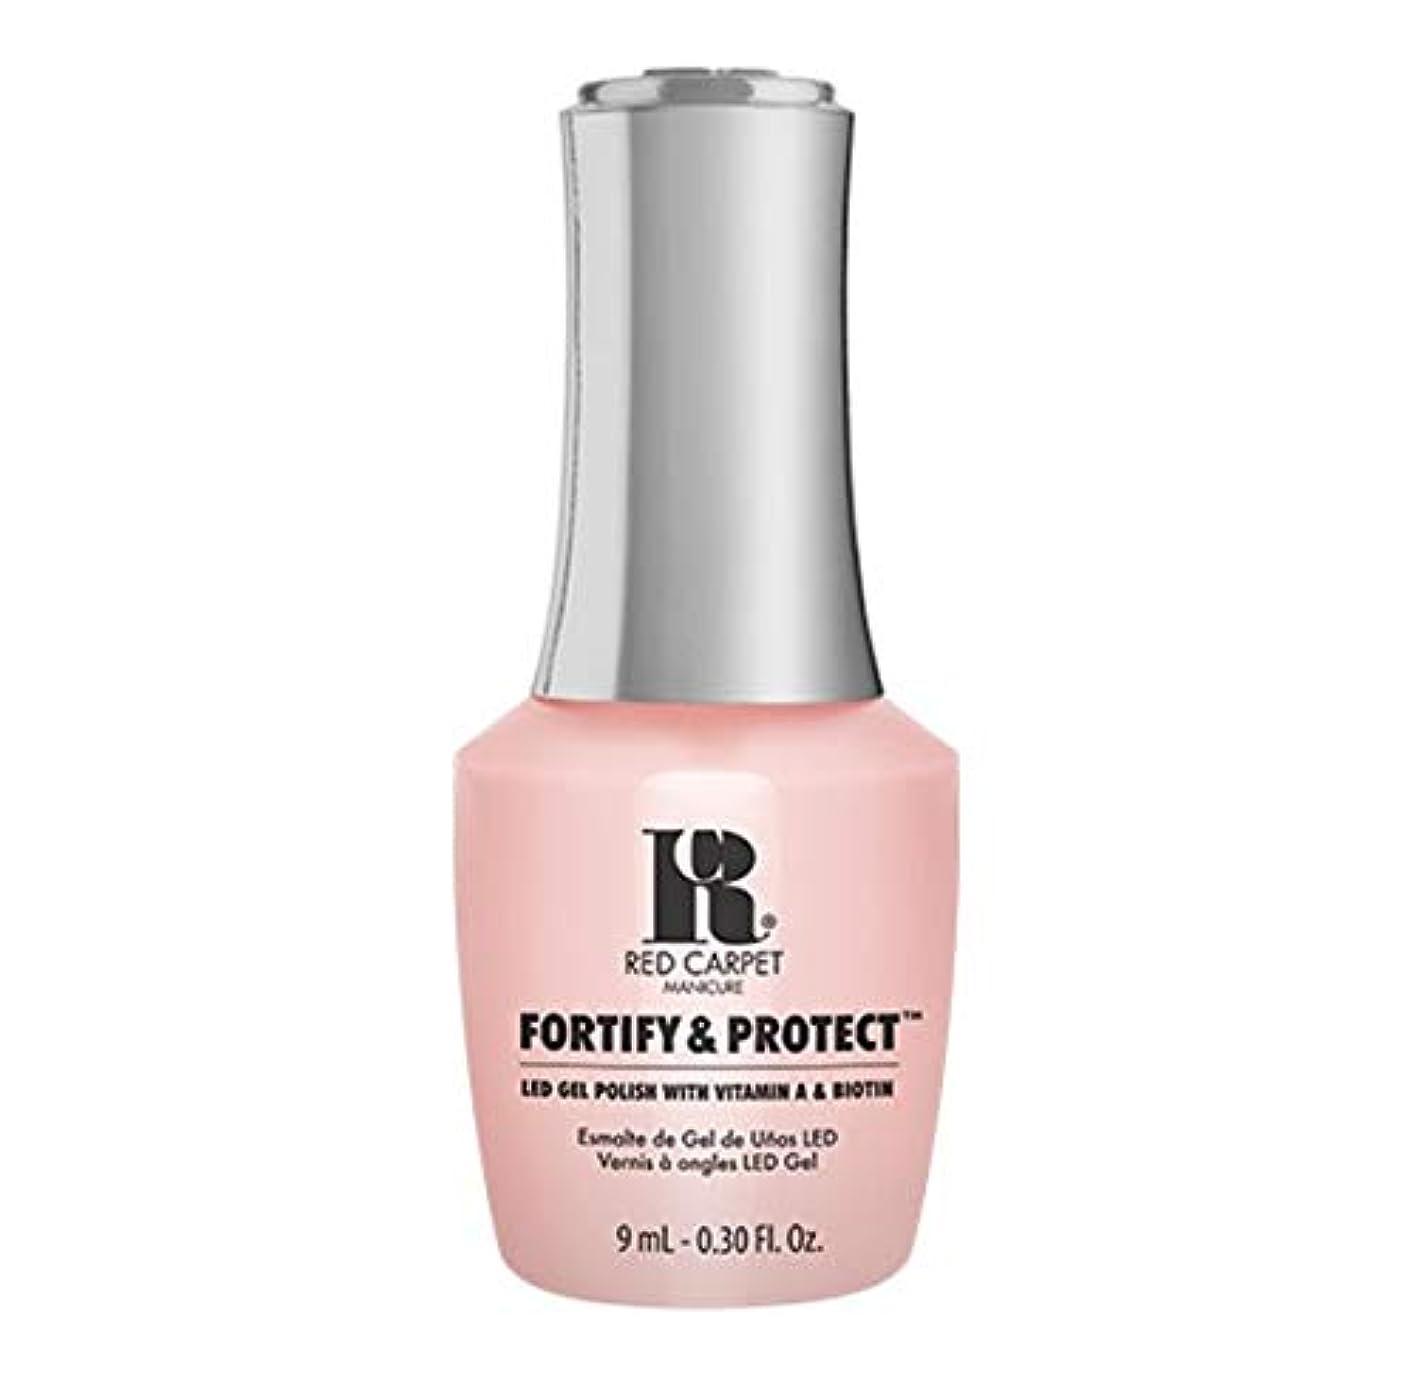 良性本物の頭痛Red Carpet Manicure - Fortify & Protect - No Damsels Here - 9ml / 0.30oz